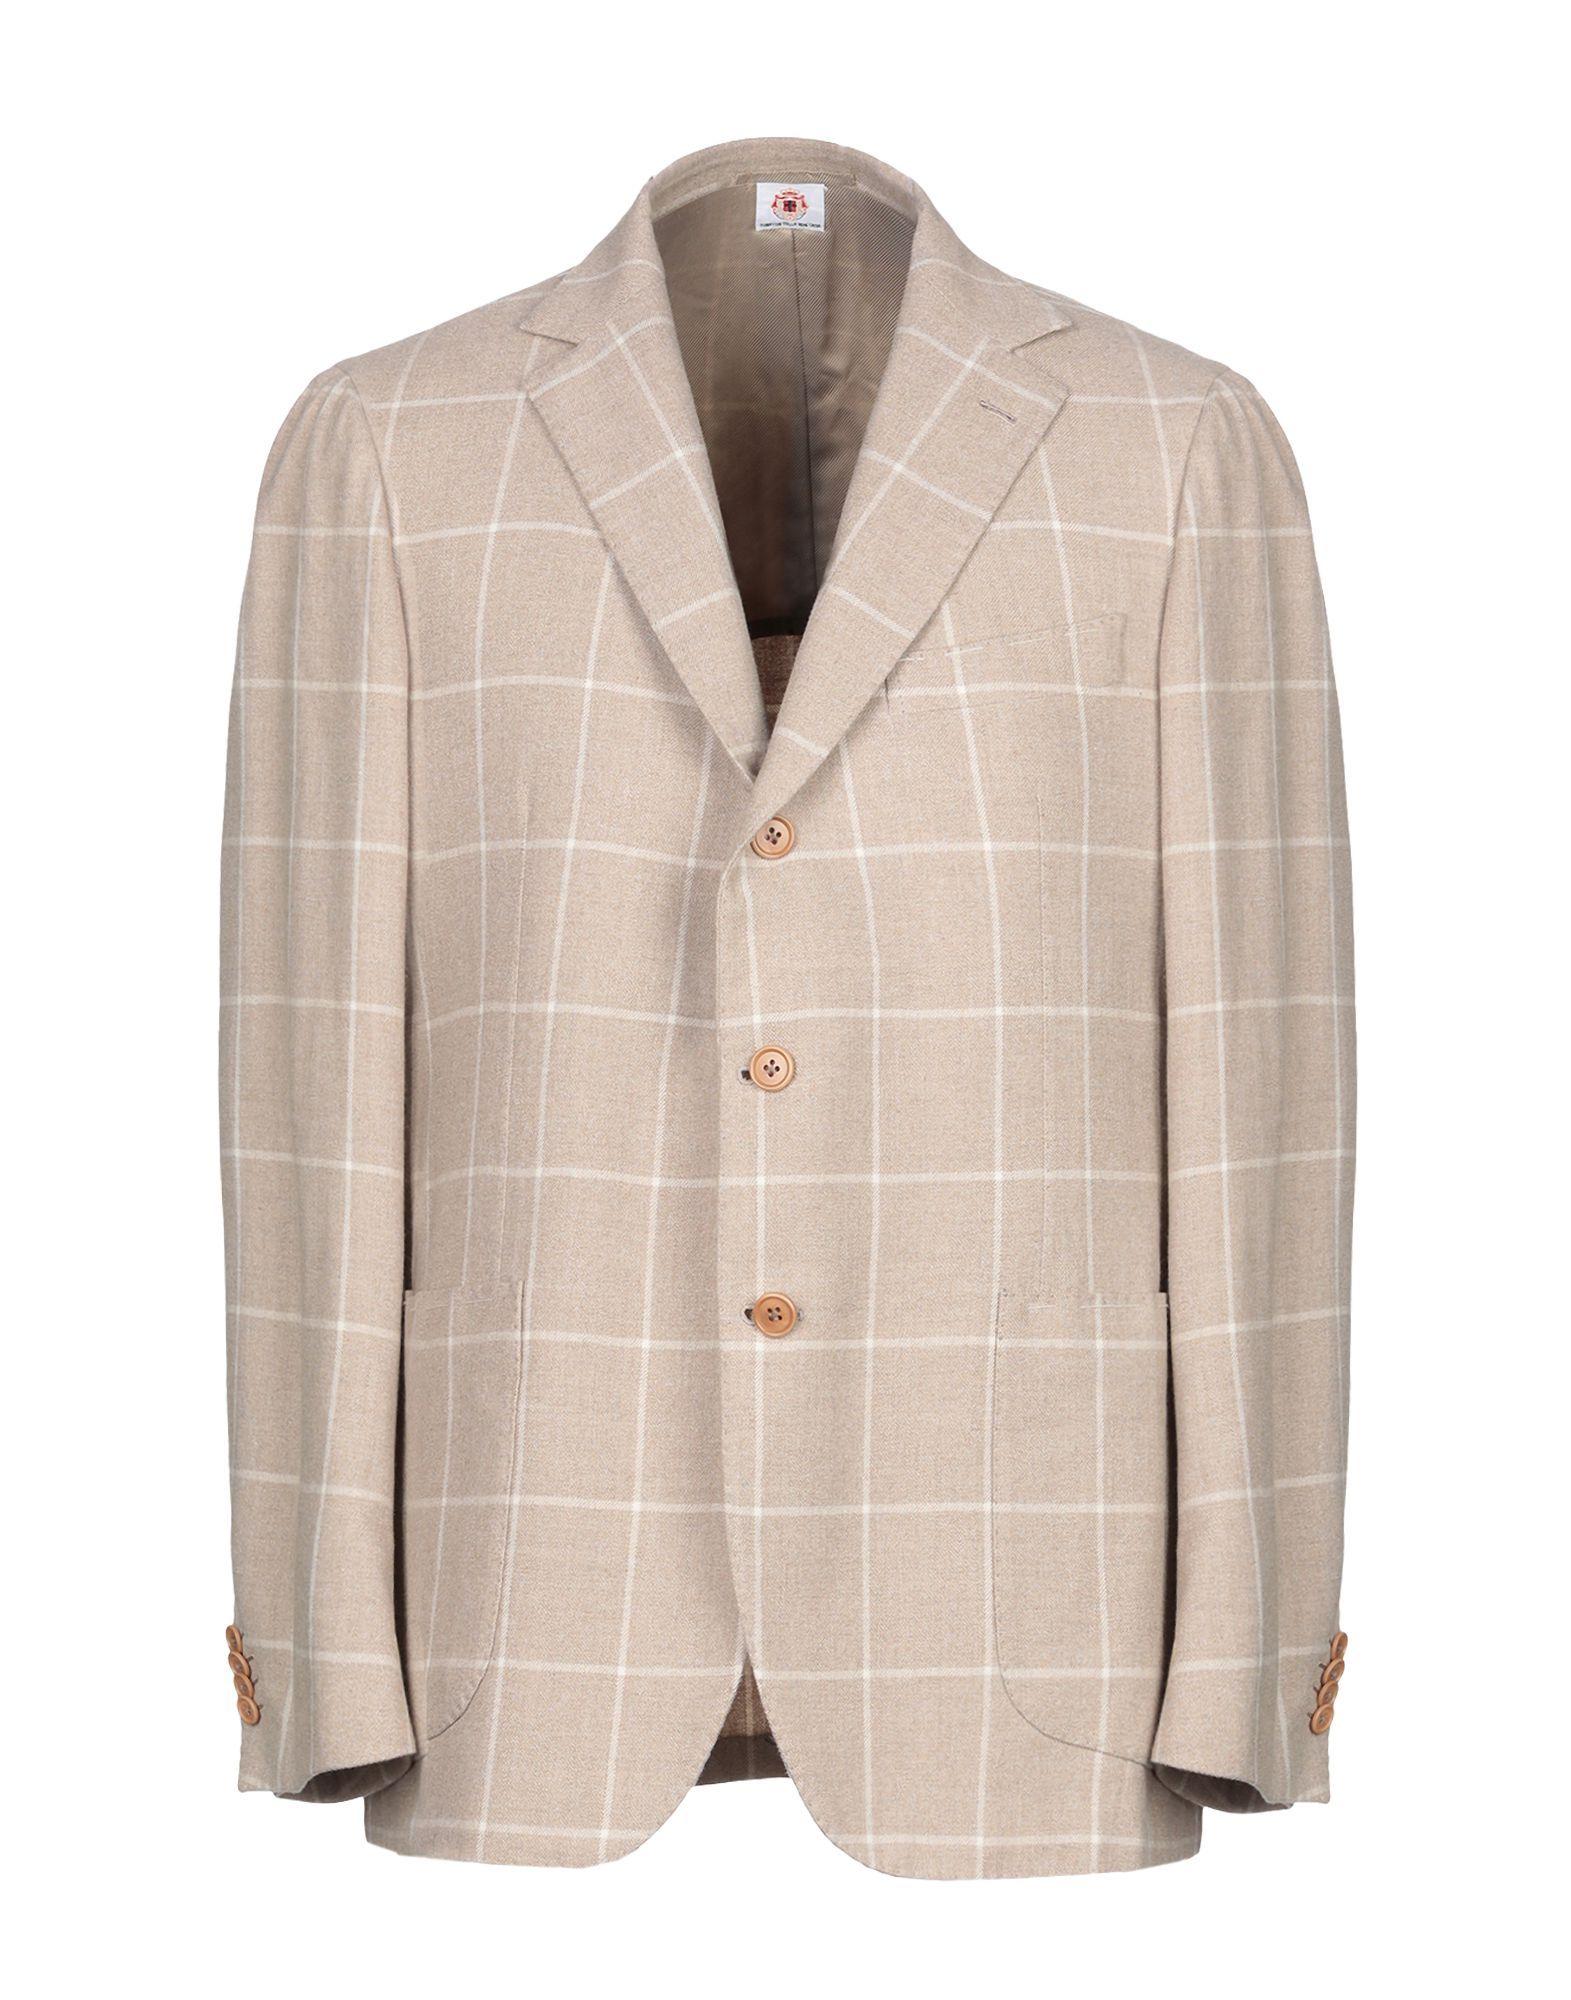 Luigi Borrelli Napoli Sand Wool Single Breasted Jacket